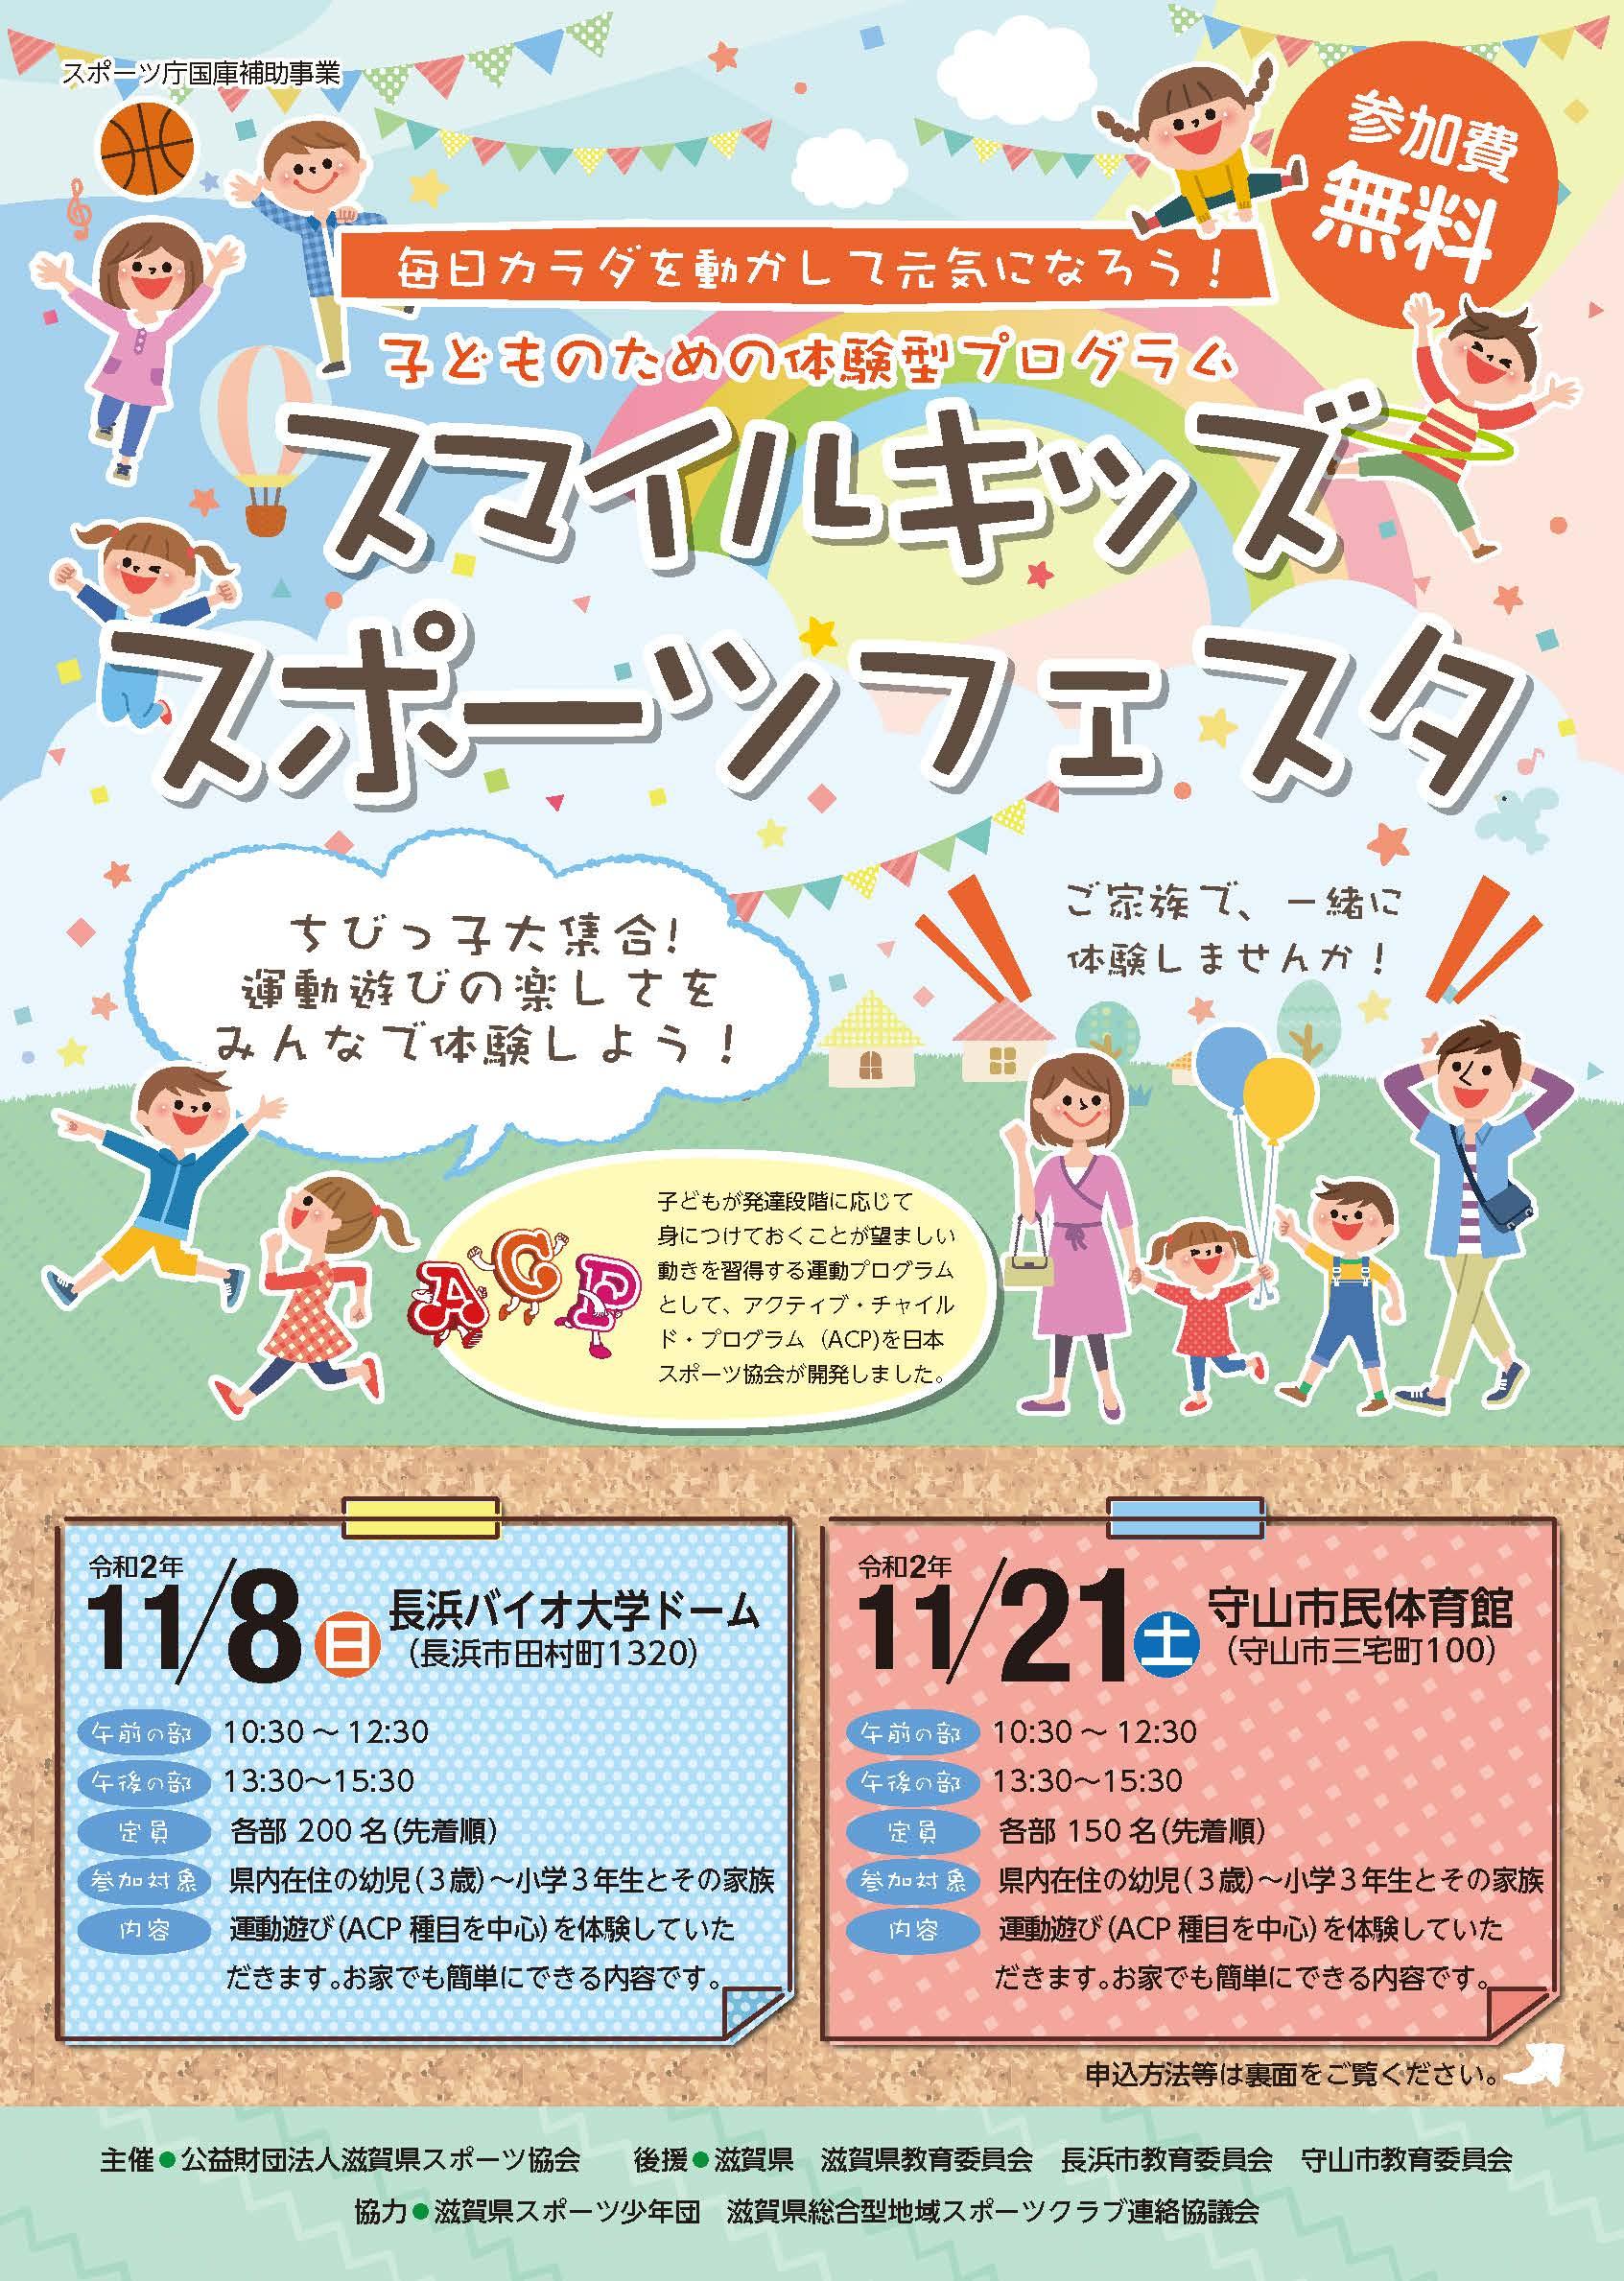 子どものための体験型プログラム「スマイルキッズスポーツフェスタ」を開催します!